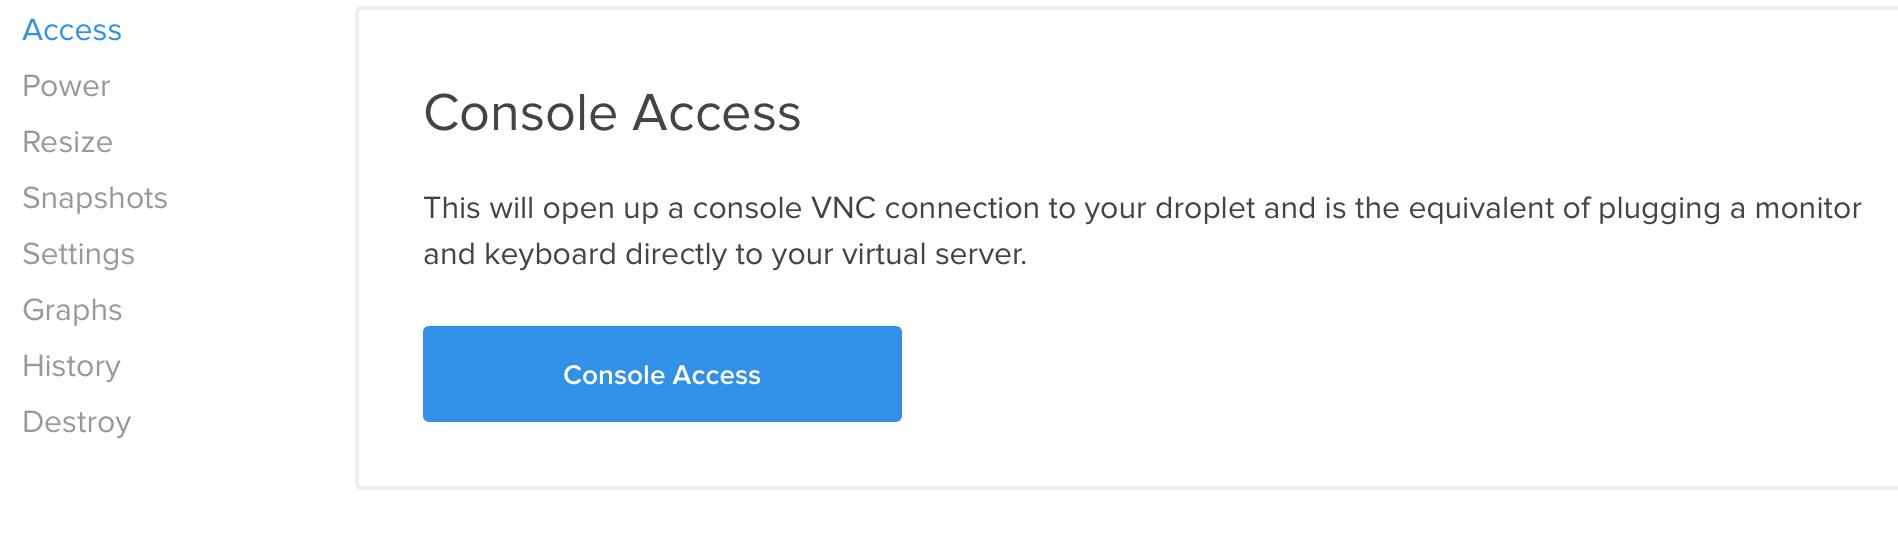 DigitalOcean console access